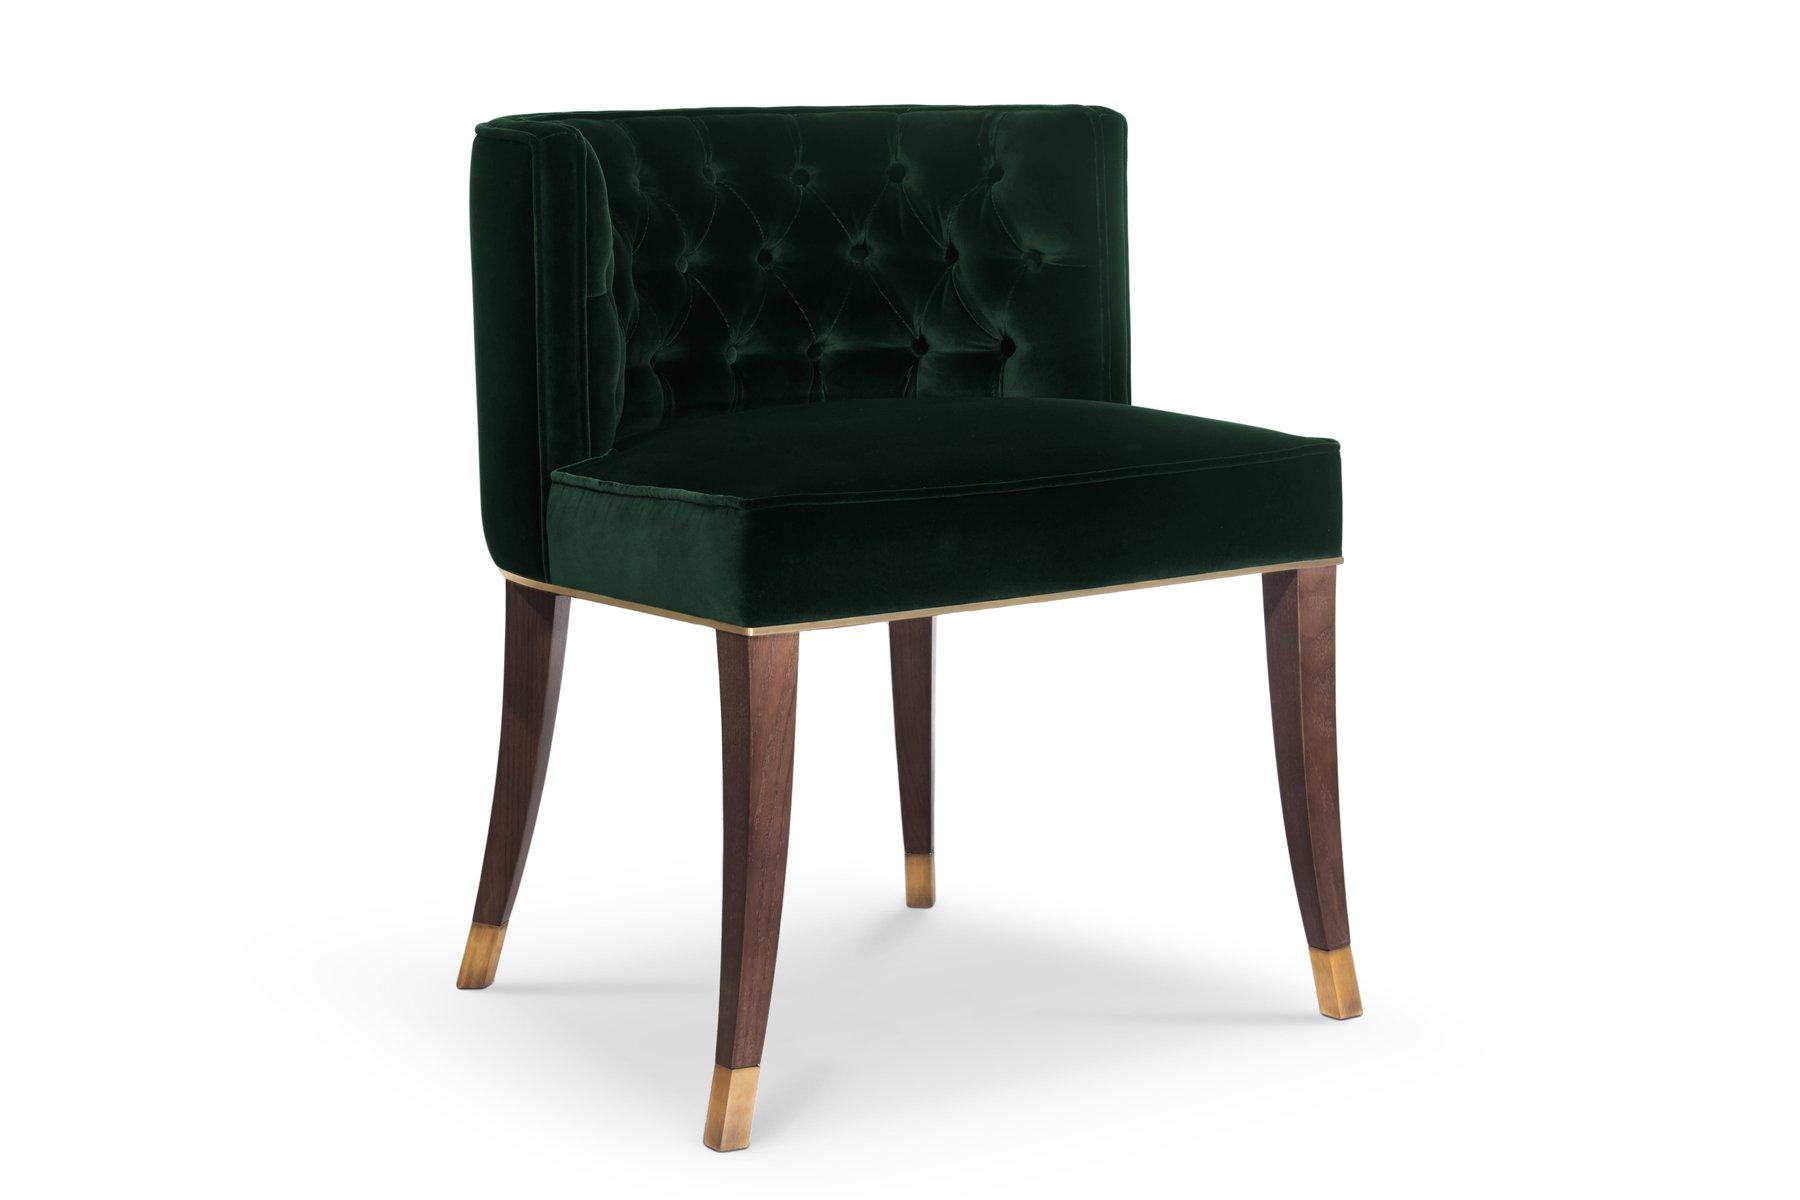 chaise de salon bourbon de covet paris en vente sur pamono. Black Bedroom Furniture Sets. Home Design Ideas